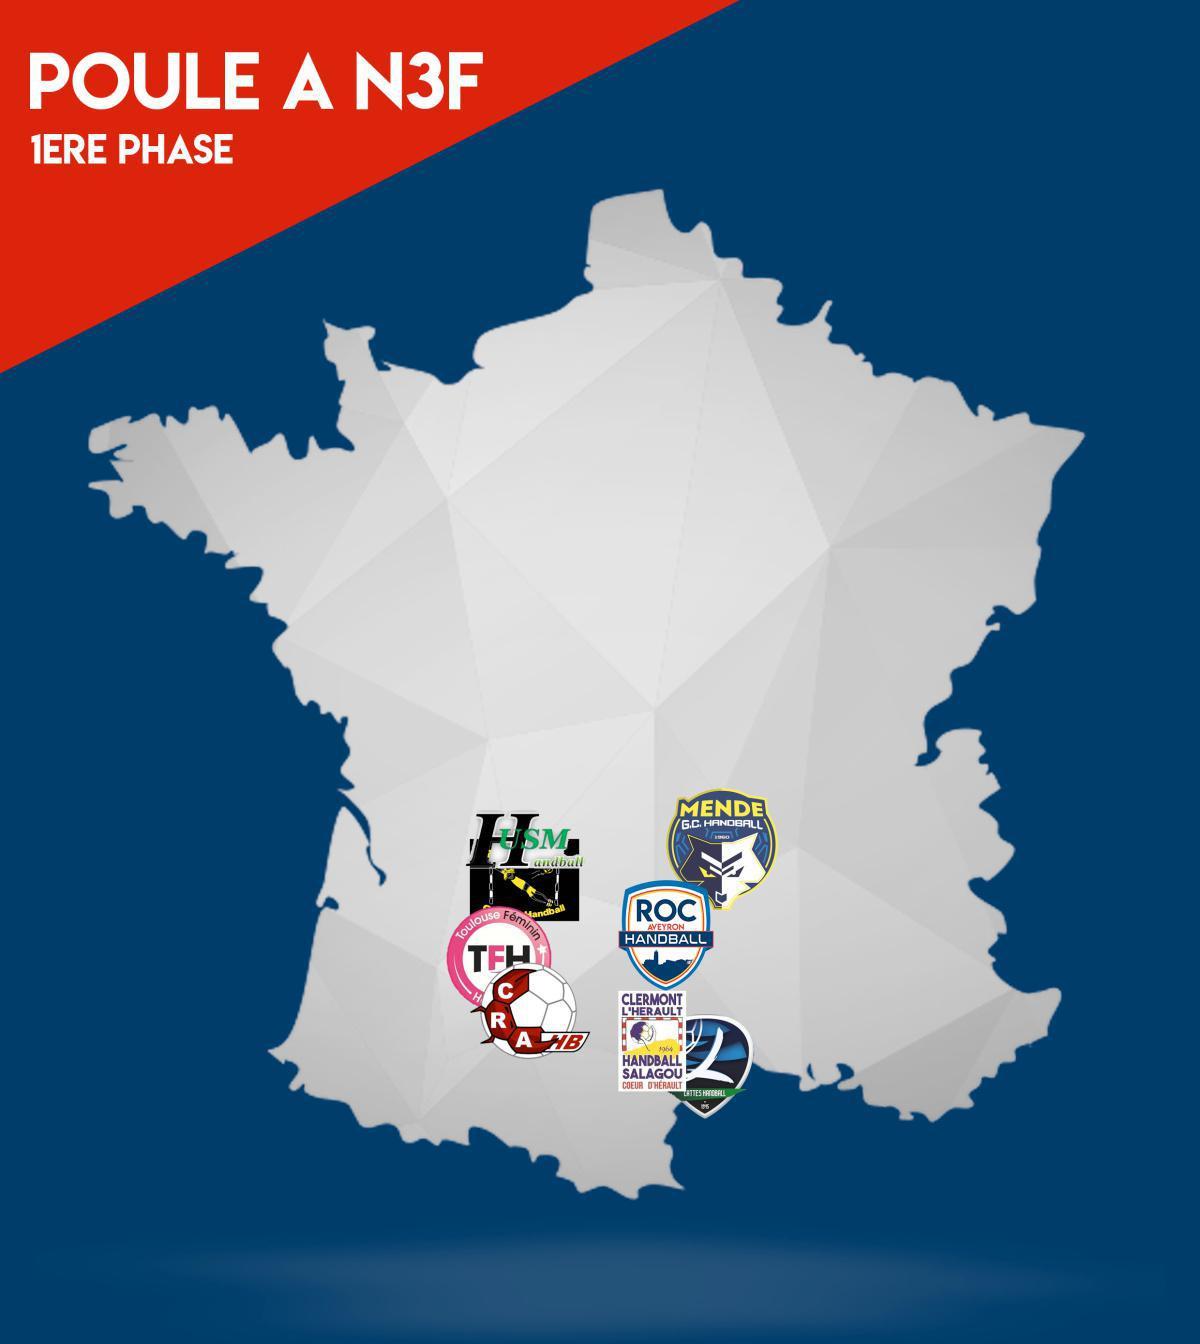 Poule A N3F du ROC